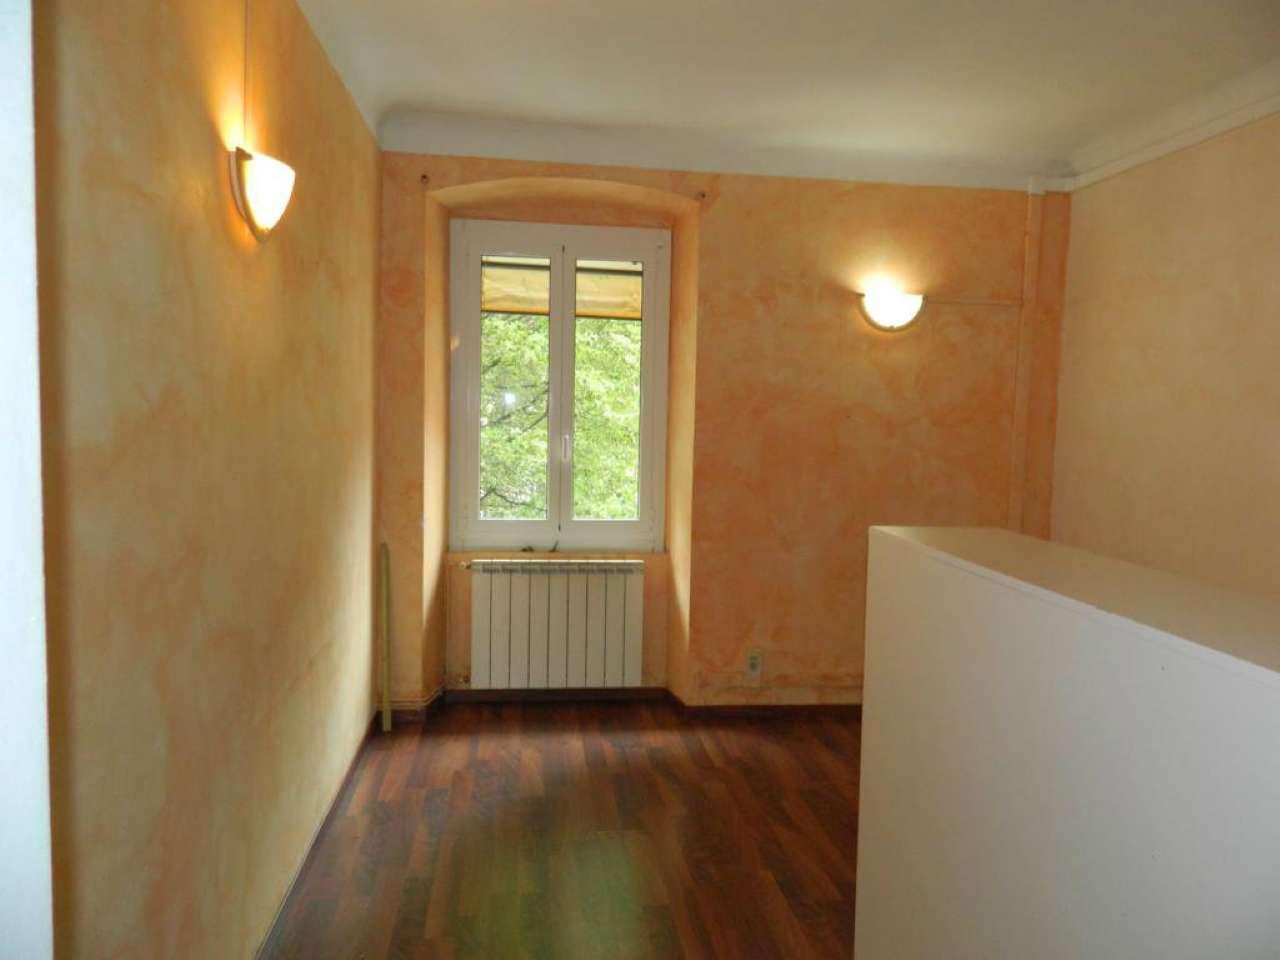 Laboratorio in affitto a Genova, 5 locali, prezzo € 600 | Cambio Casa.it